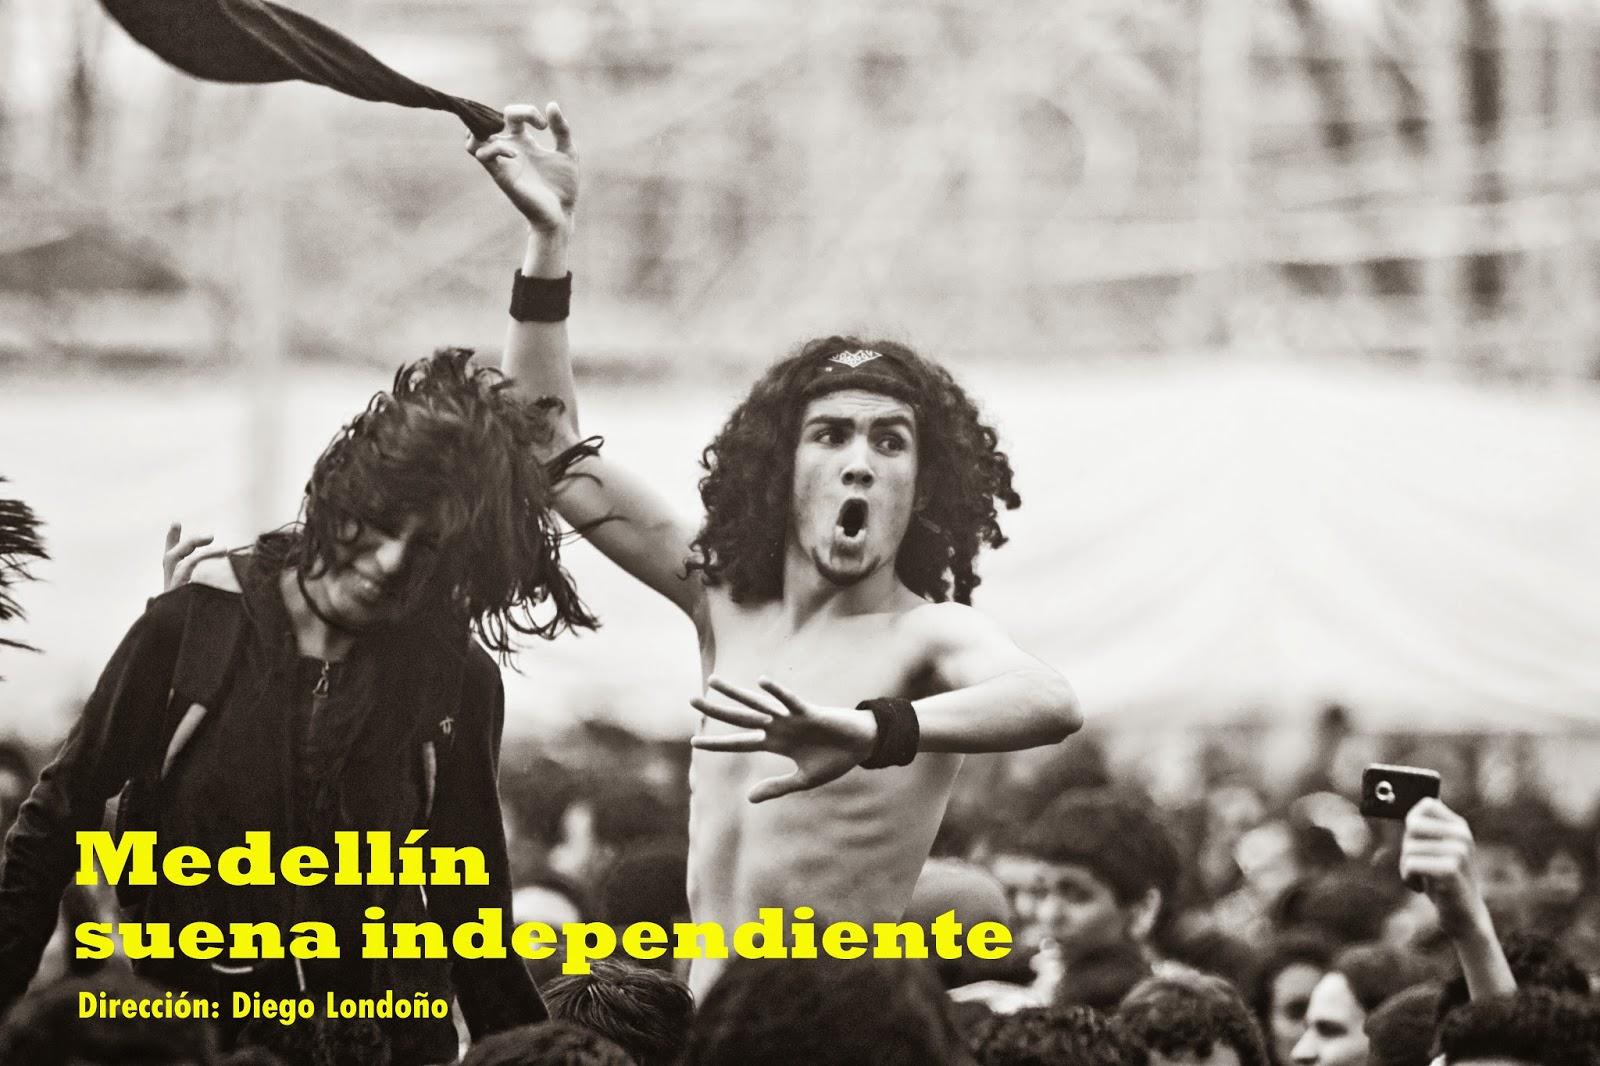 Documental sobre las dinámicas de trabajo de los músicos independientes en Medellín, Colombia.